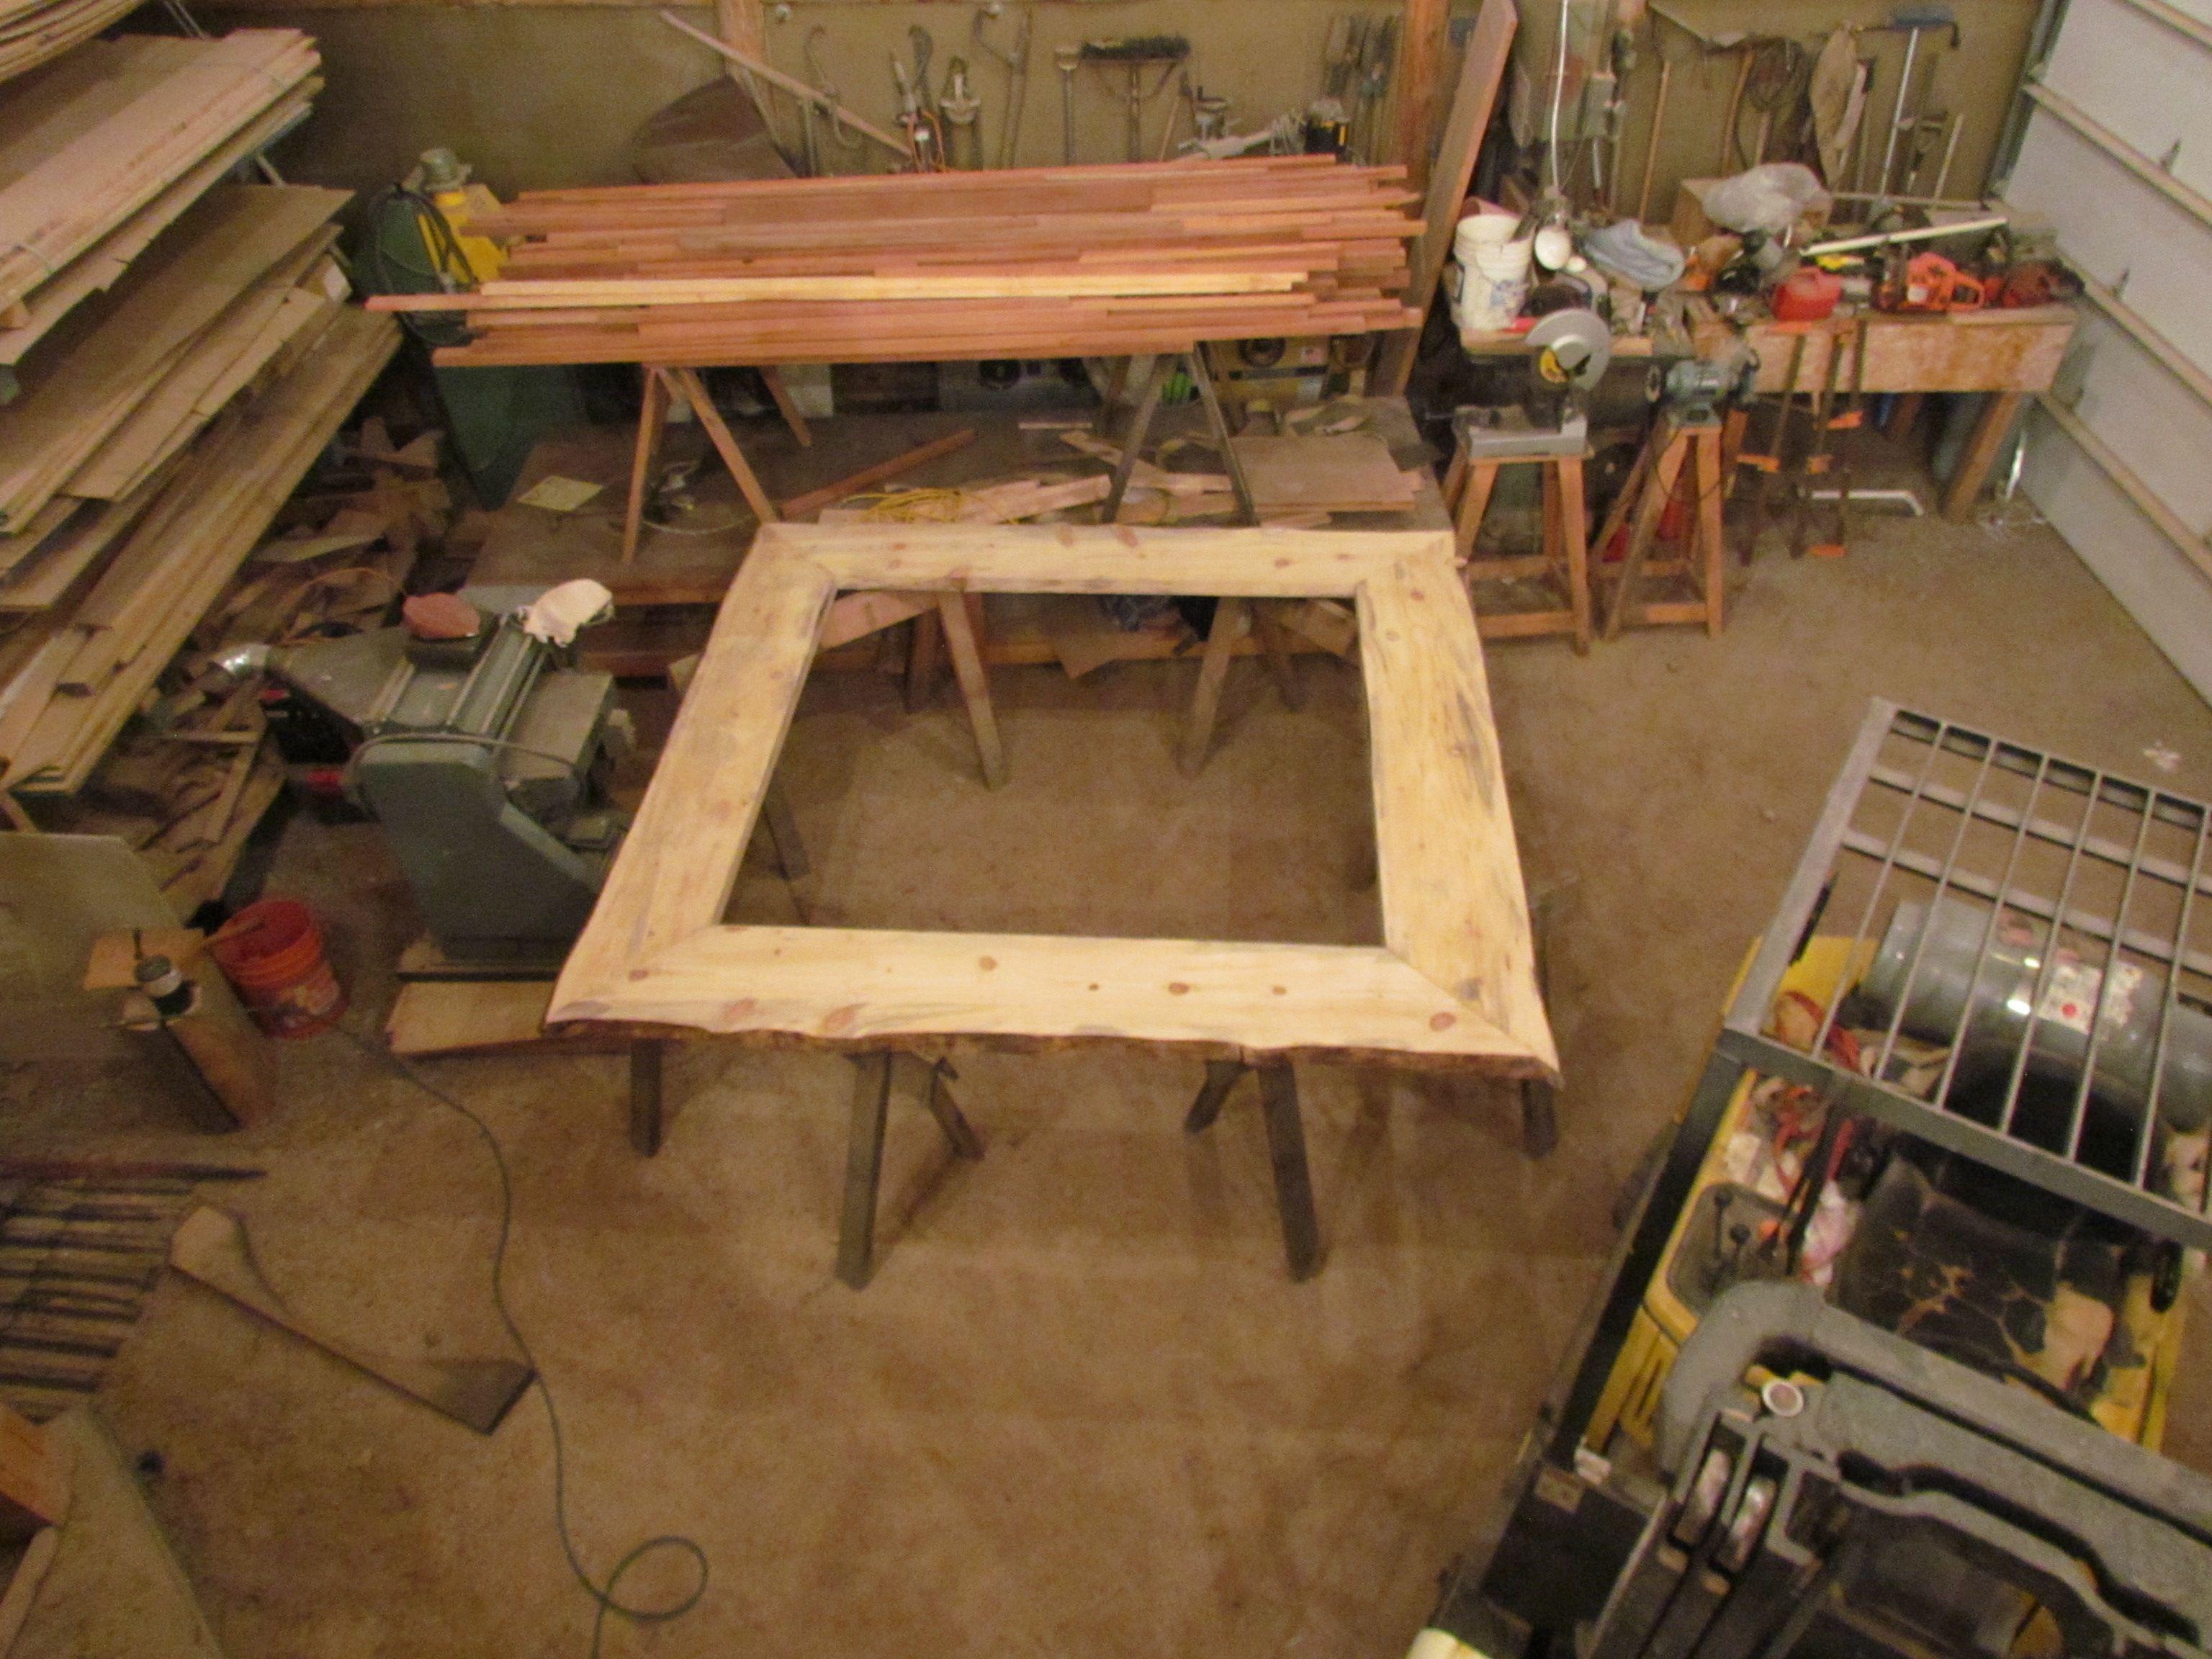 Assembled Platform Frame